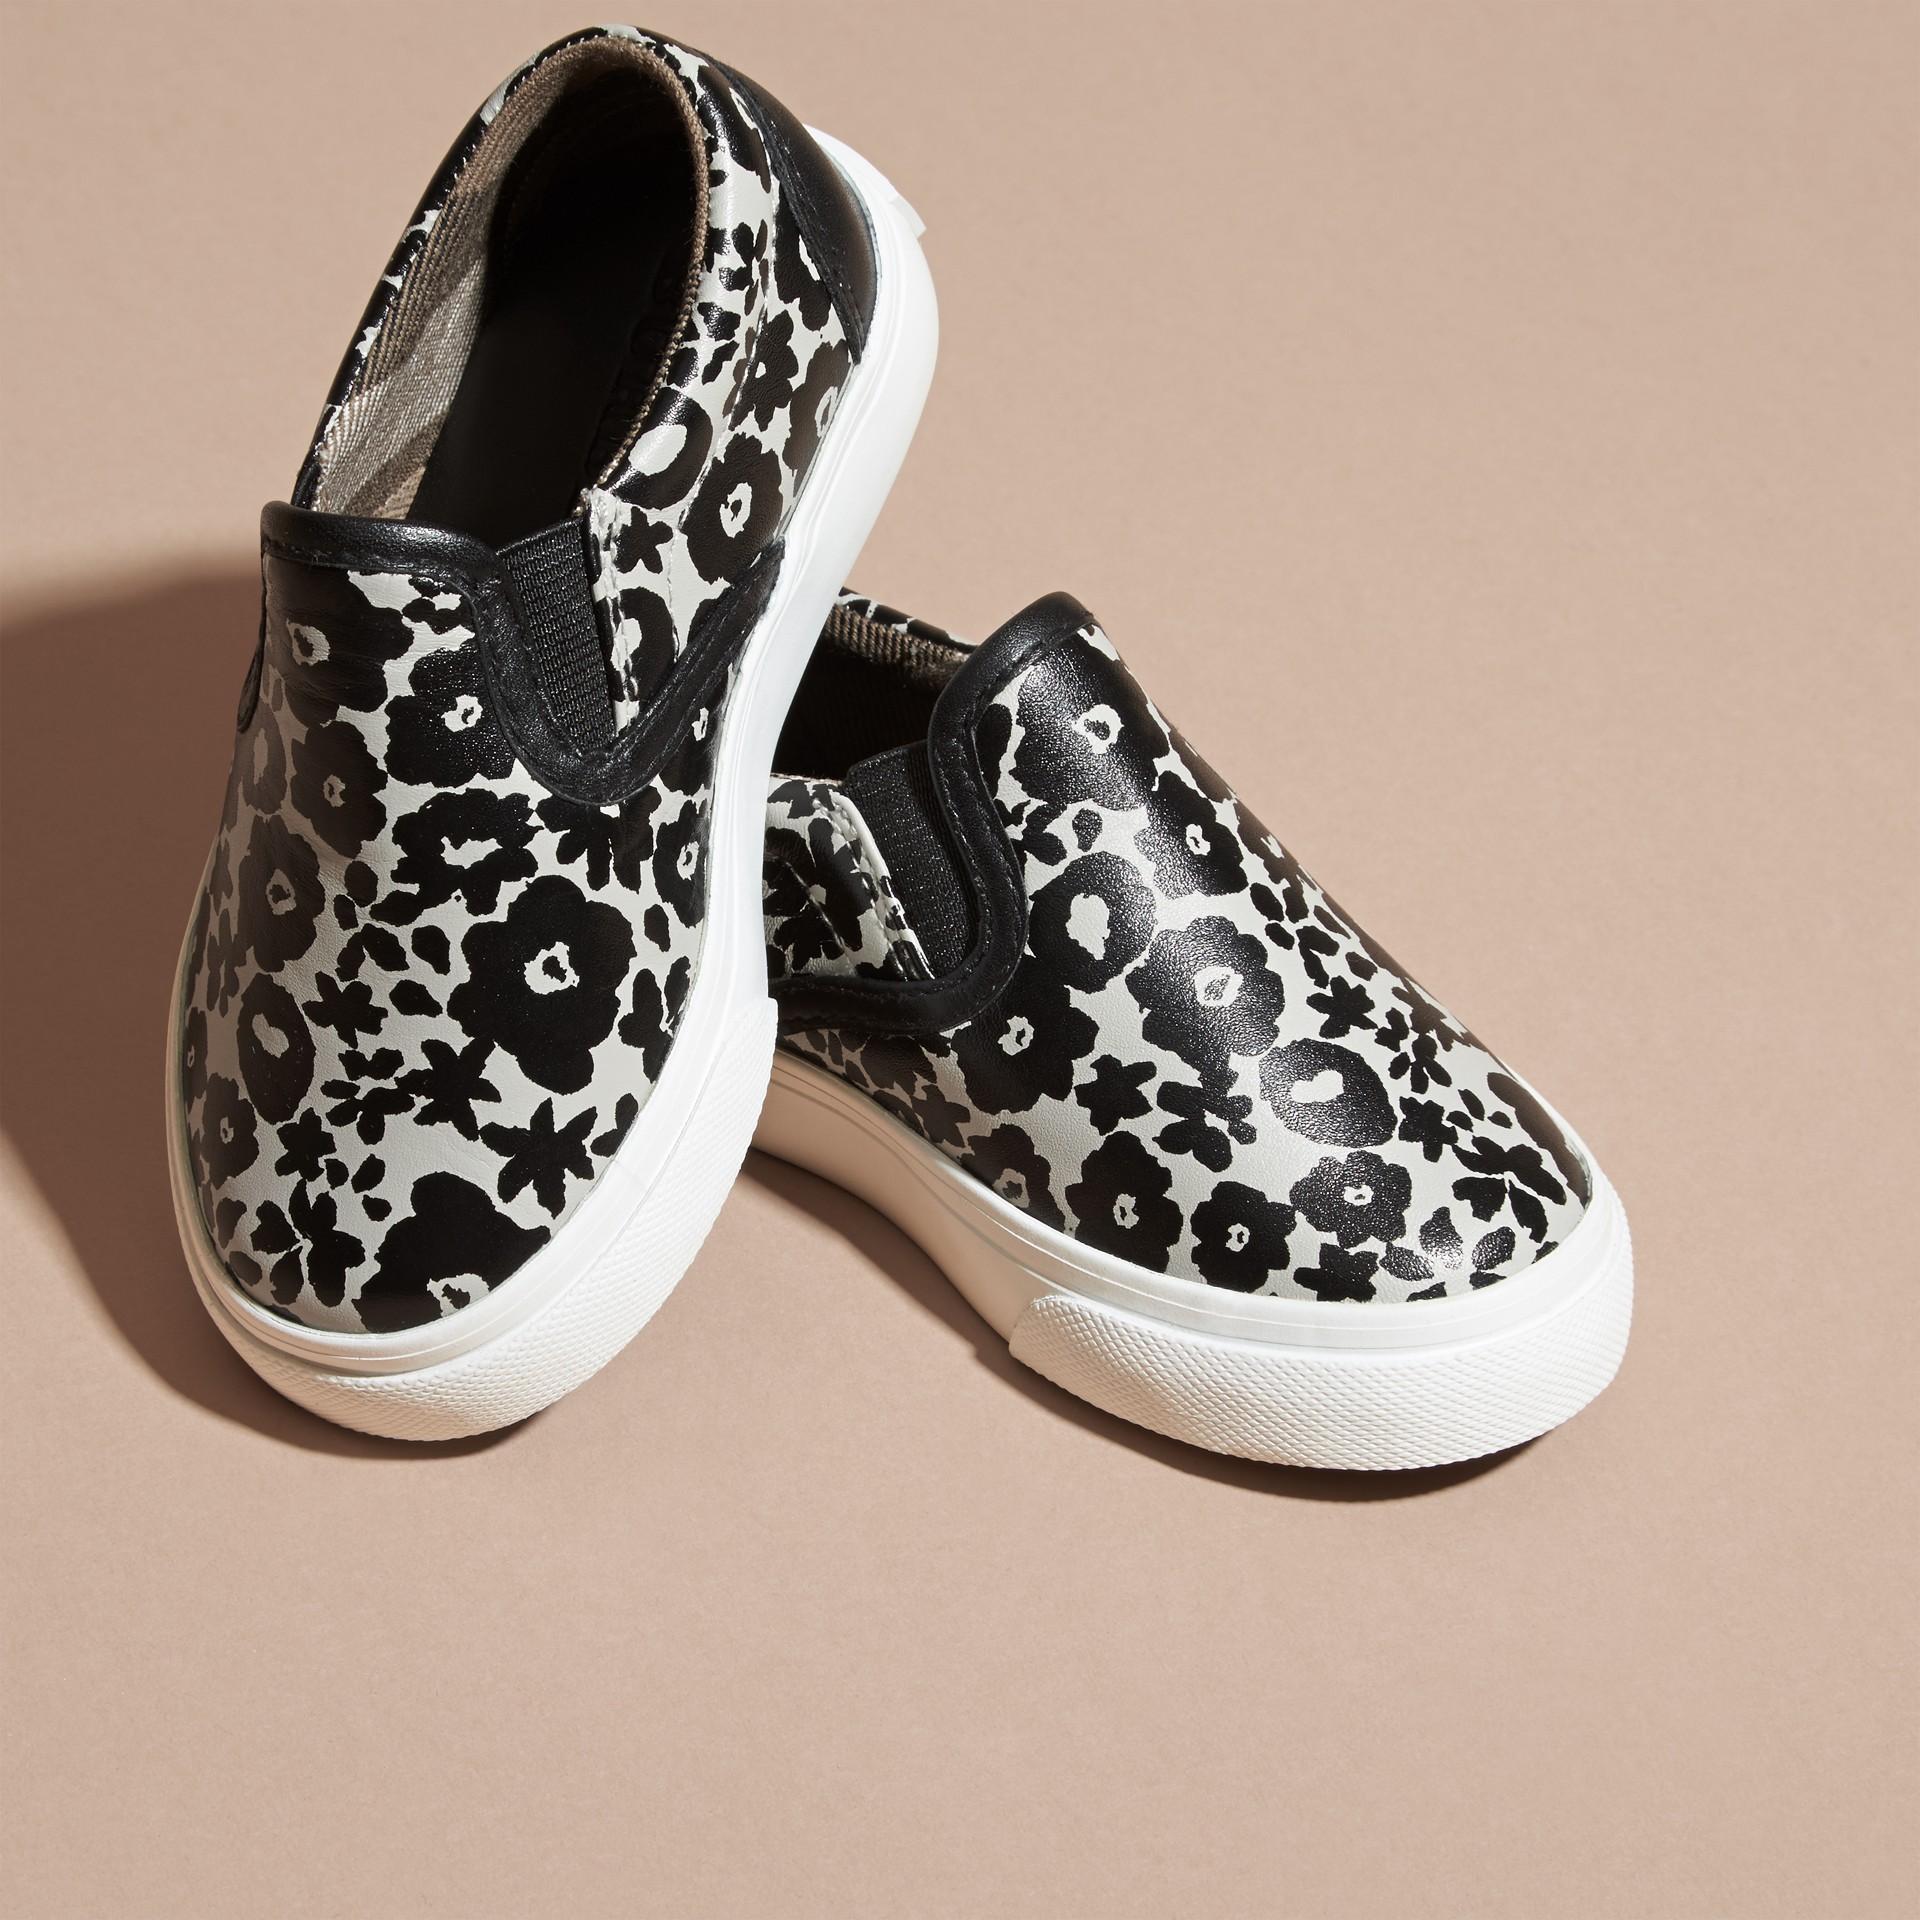 Nero/bianco Sneaker senza lacci in pelle con stampa floreale - immagine della galleria 3